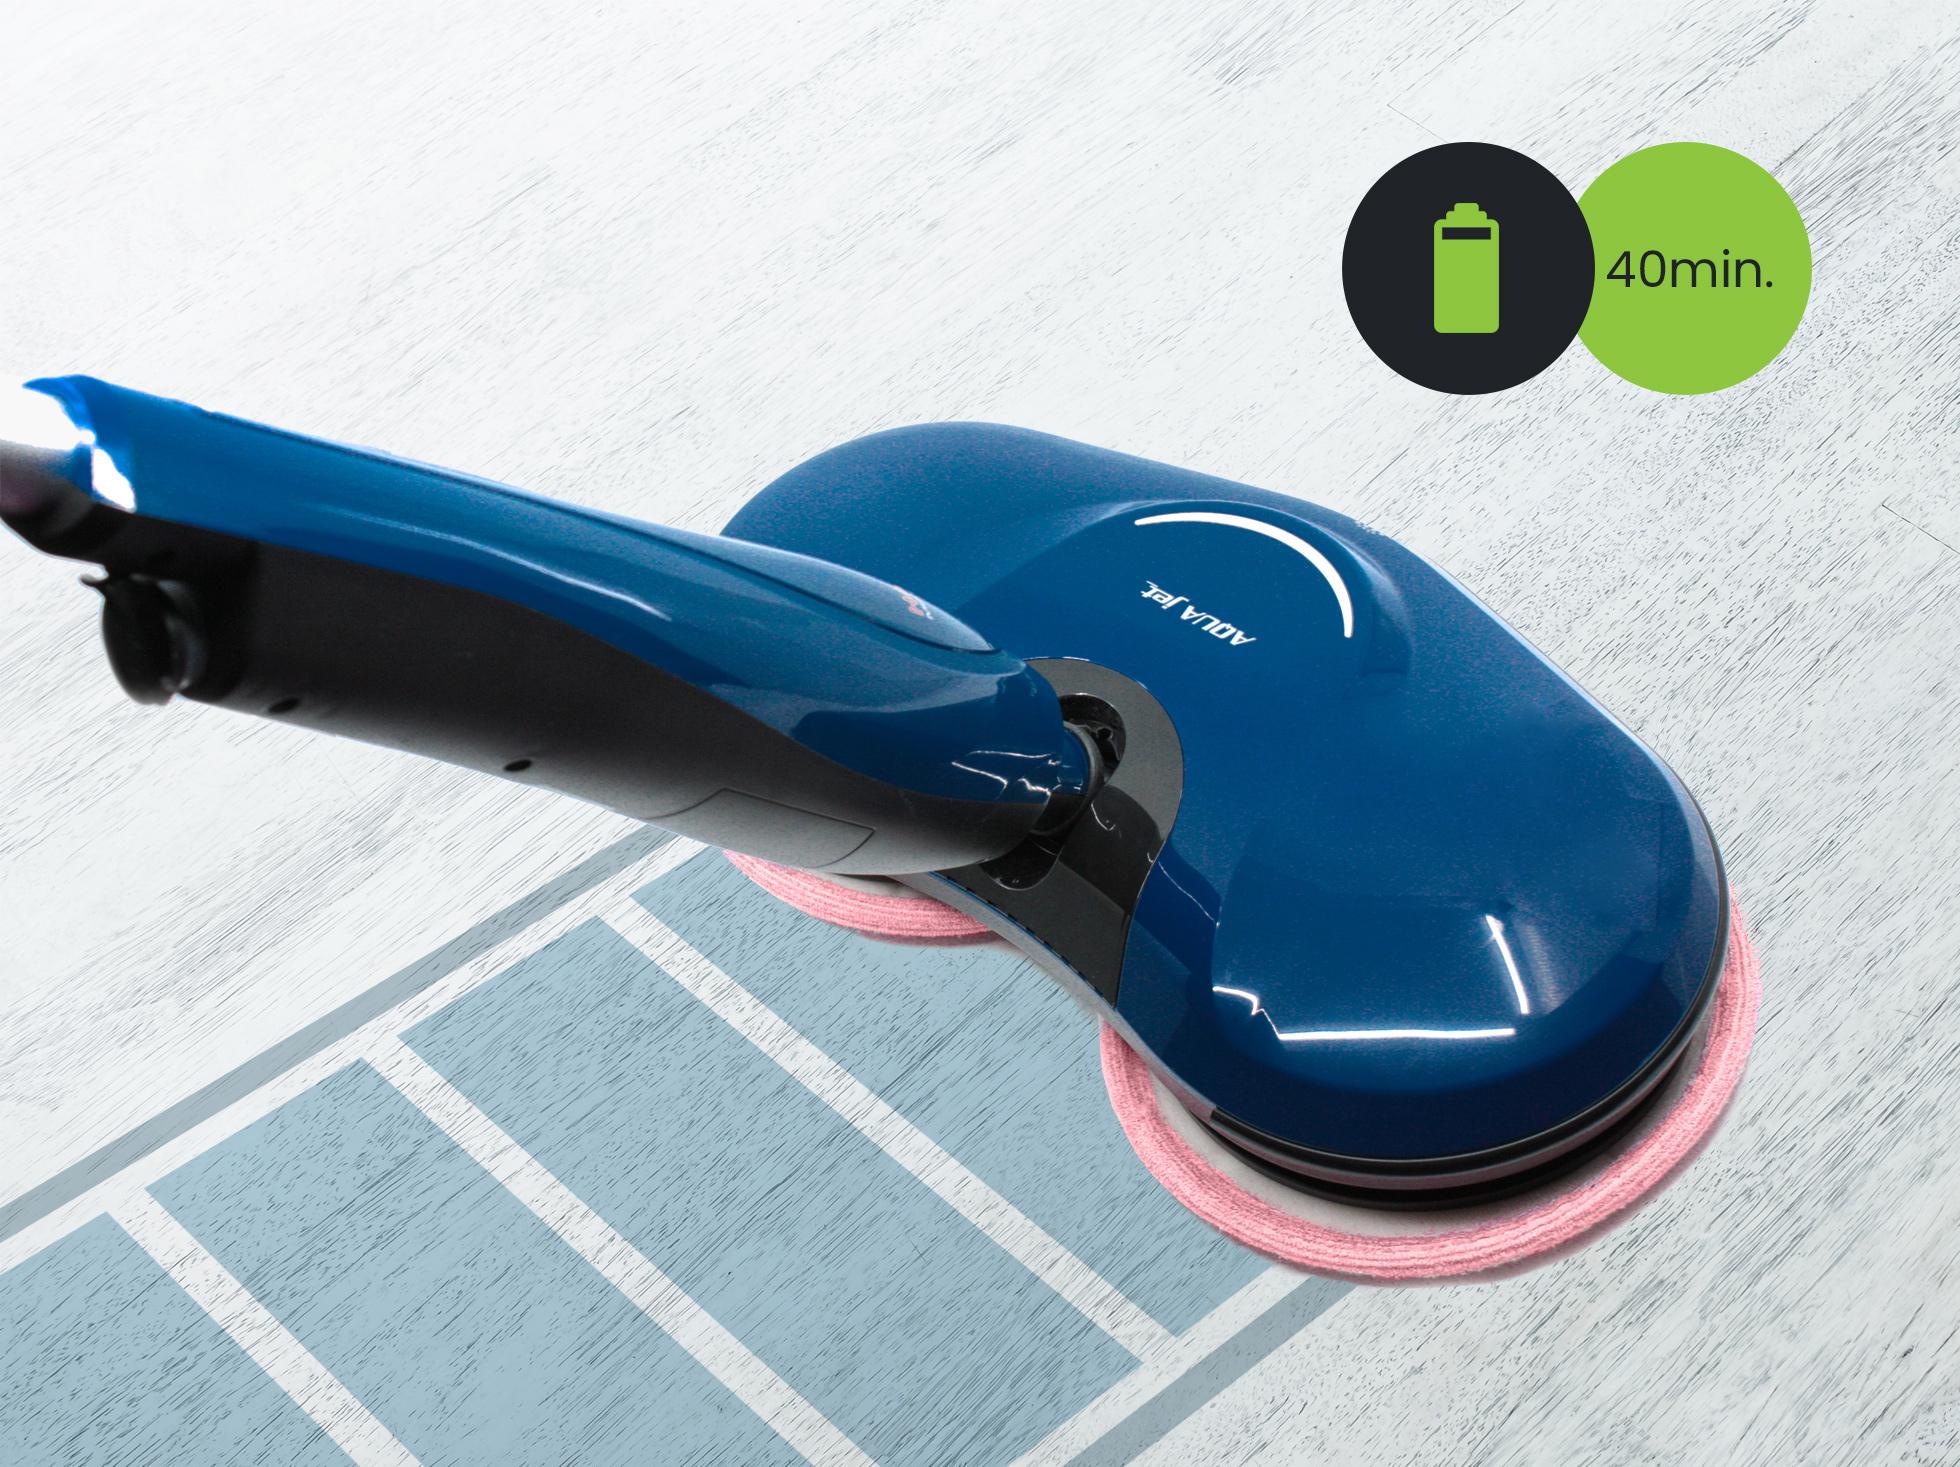 Dzięki wydajnej baterii mop elektryczny może pracować do 40min